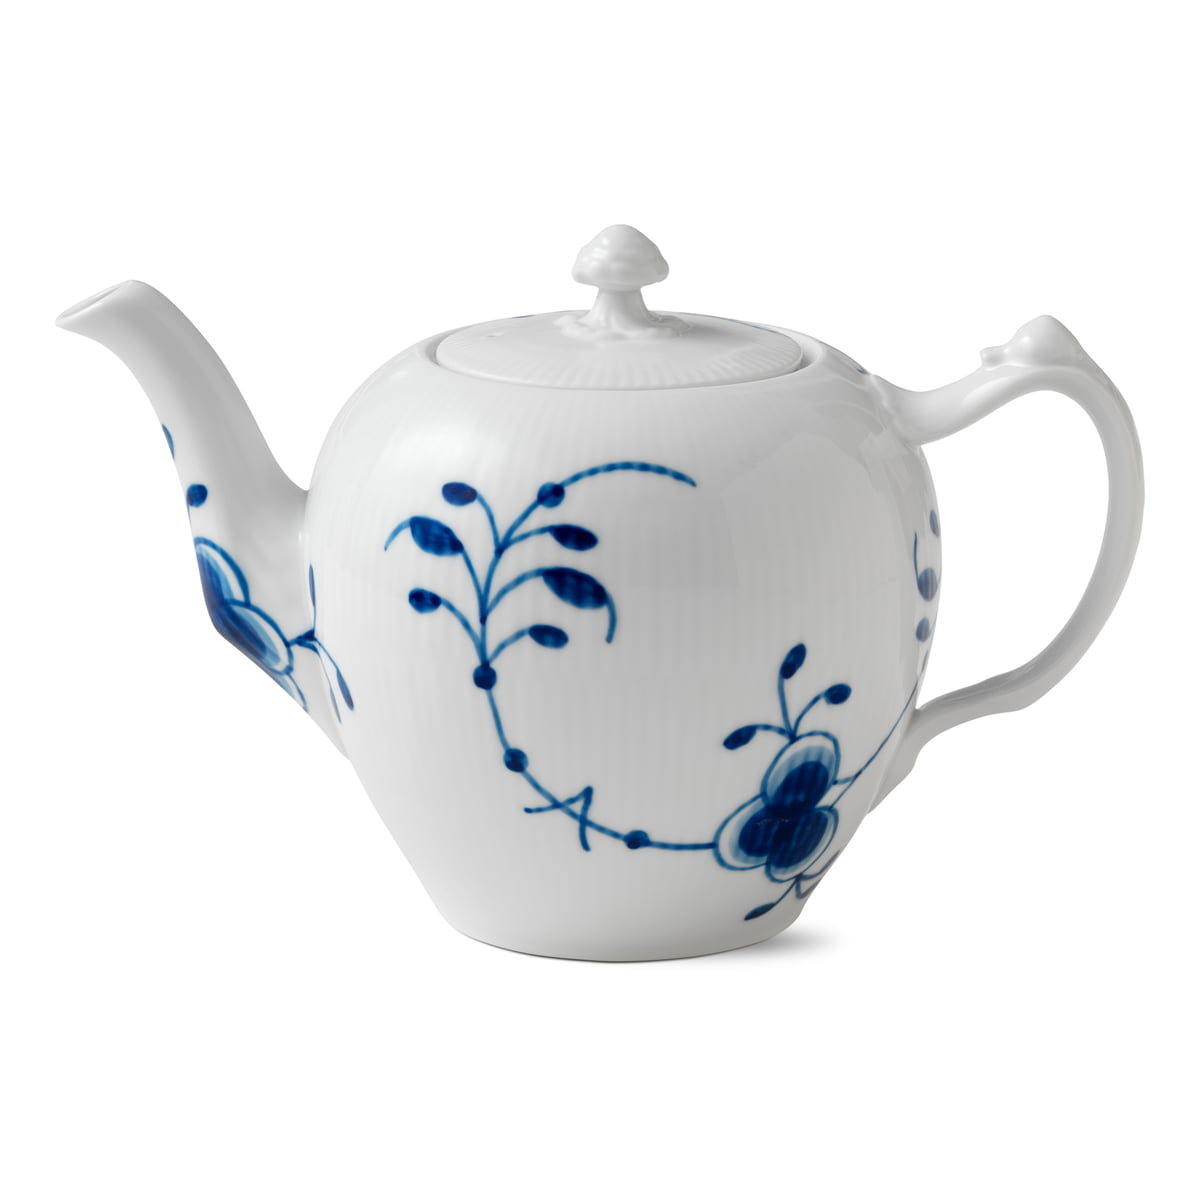 Royal Copenhagen - Mega Blau Gerippt Teekanne 1 l | Küche und Esszimmer > Kaffee und Tee > Teekocher | Blau/weiß | Royal Copenhagen